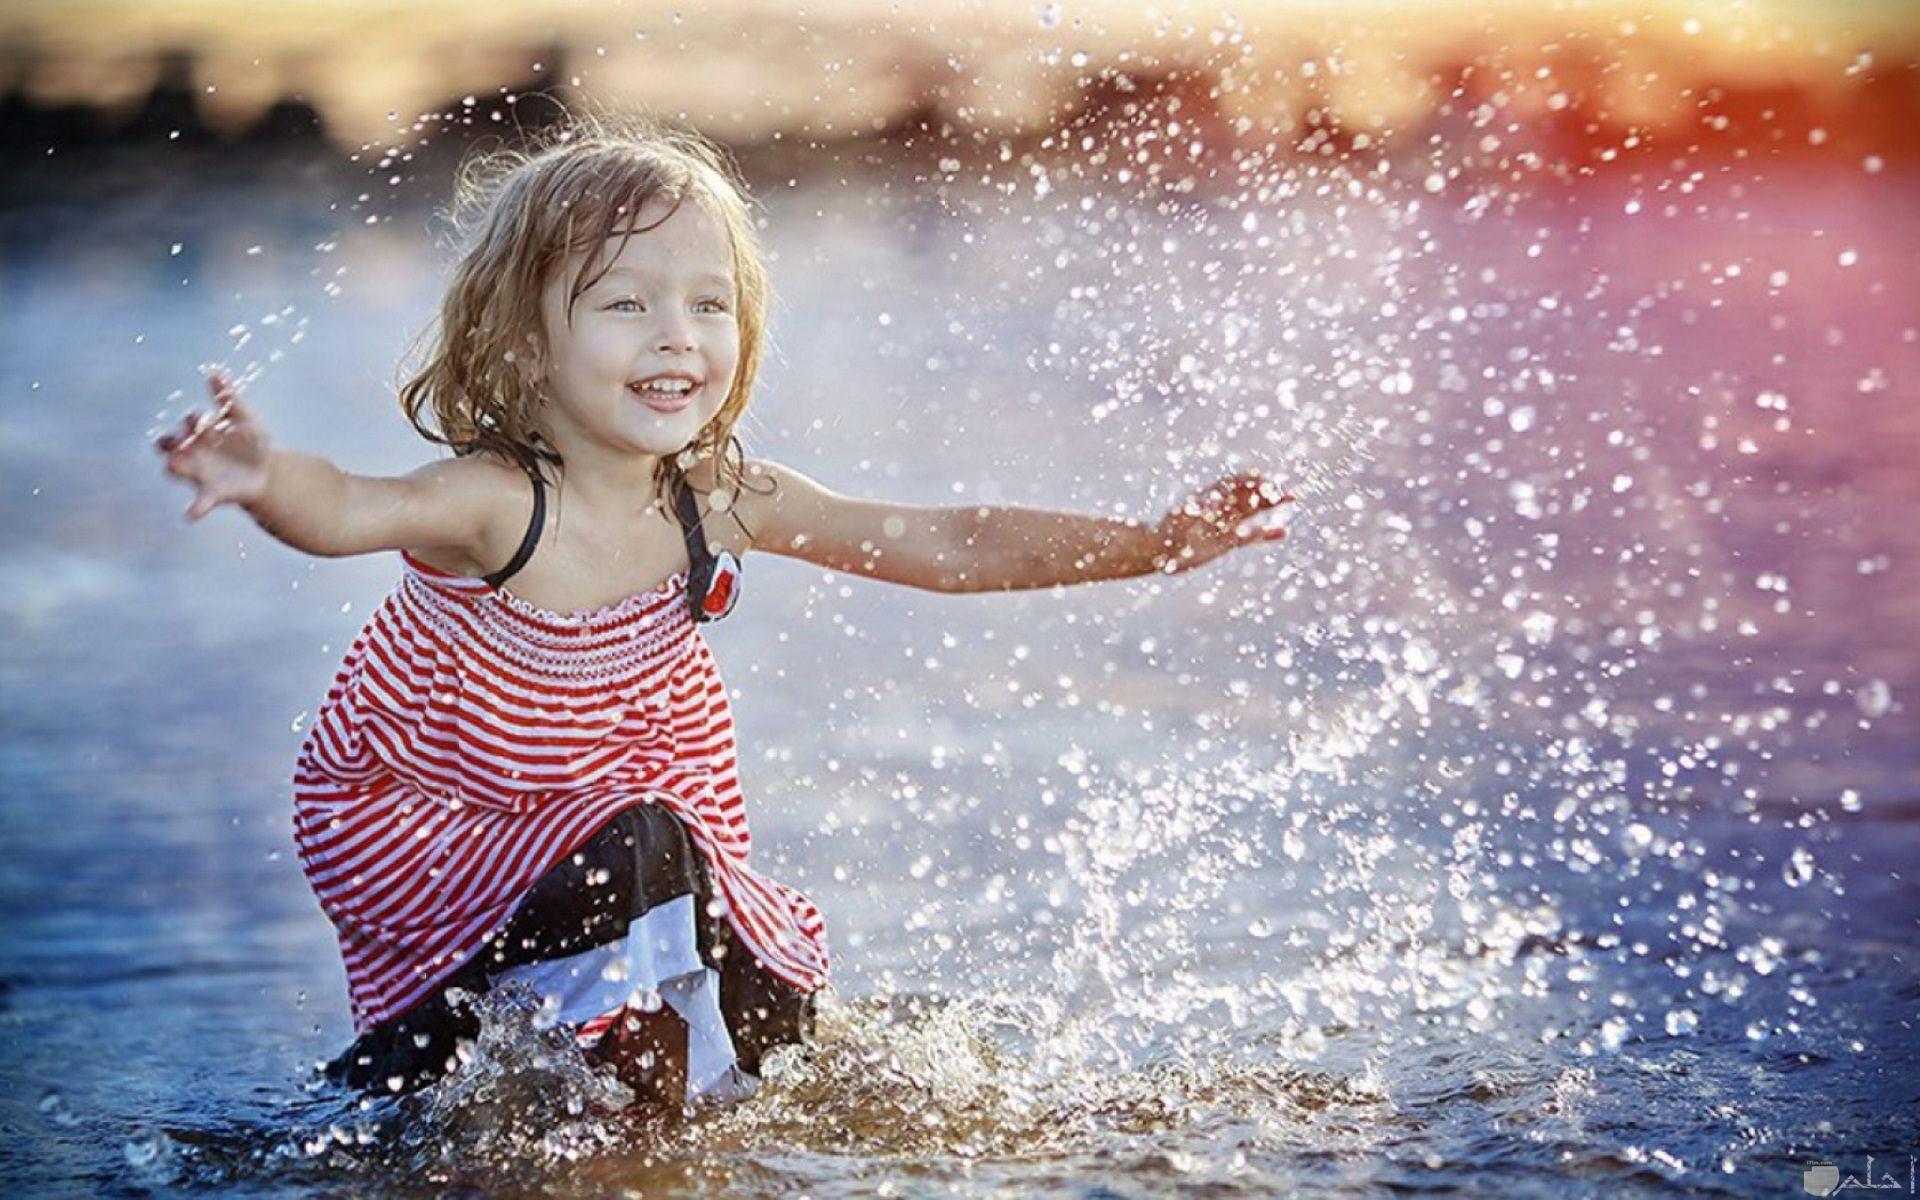 بنت صغيرة تلعب في الماء.